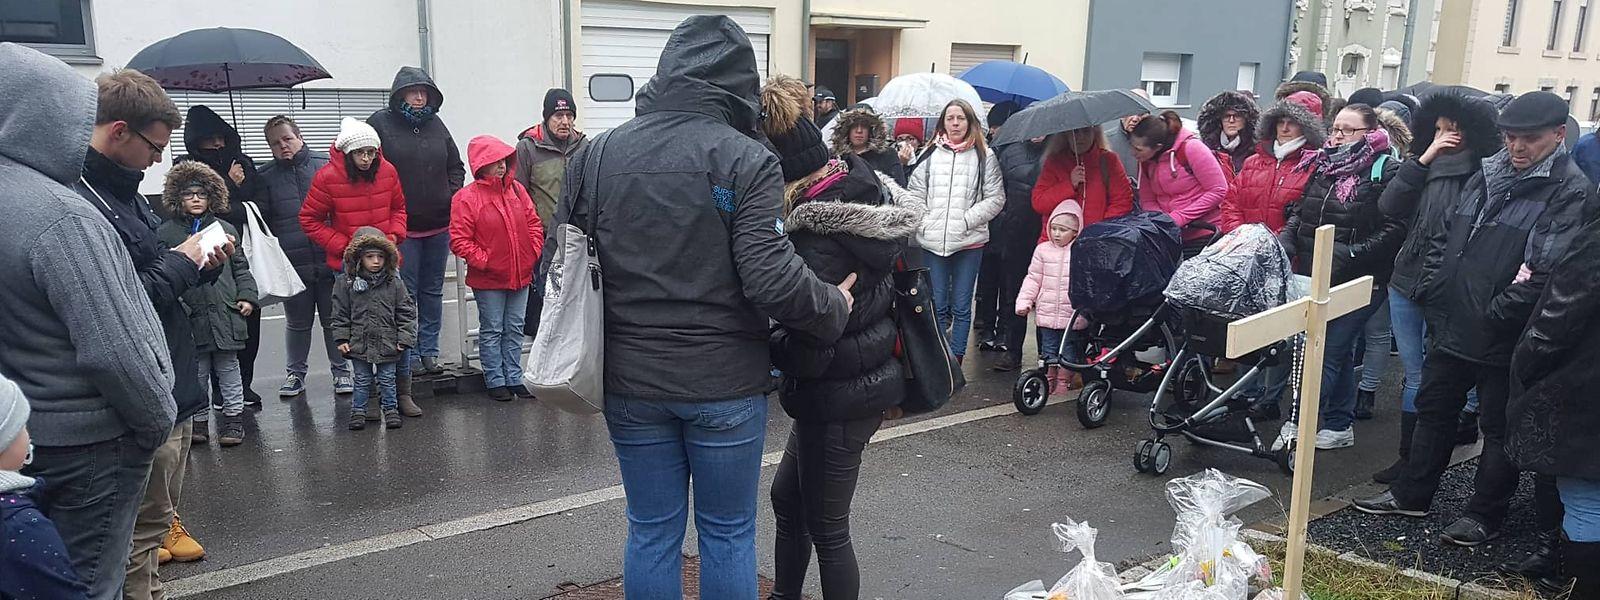 A cerimónia teve lugar na rua Grande-Duchesse Charlotte, perto do hospital da cidade, no fatídico local do acidente.